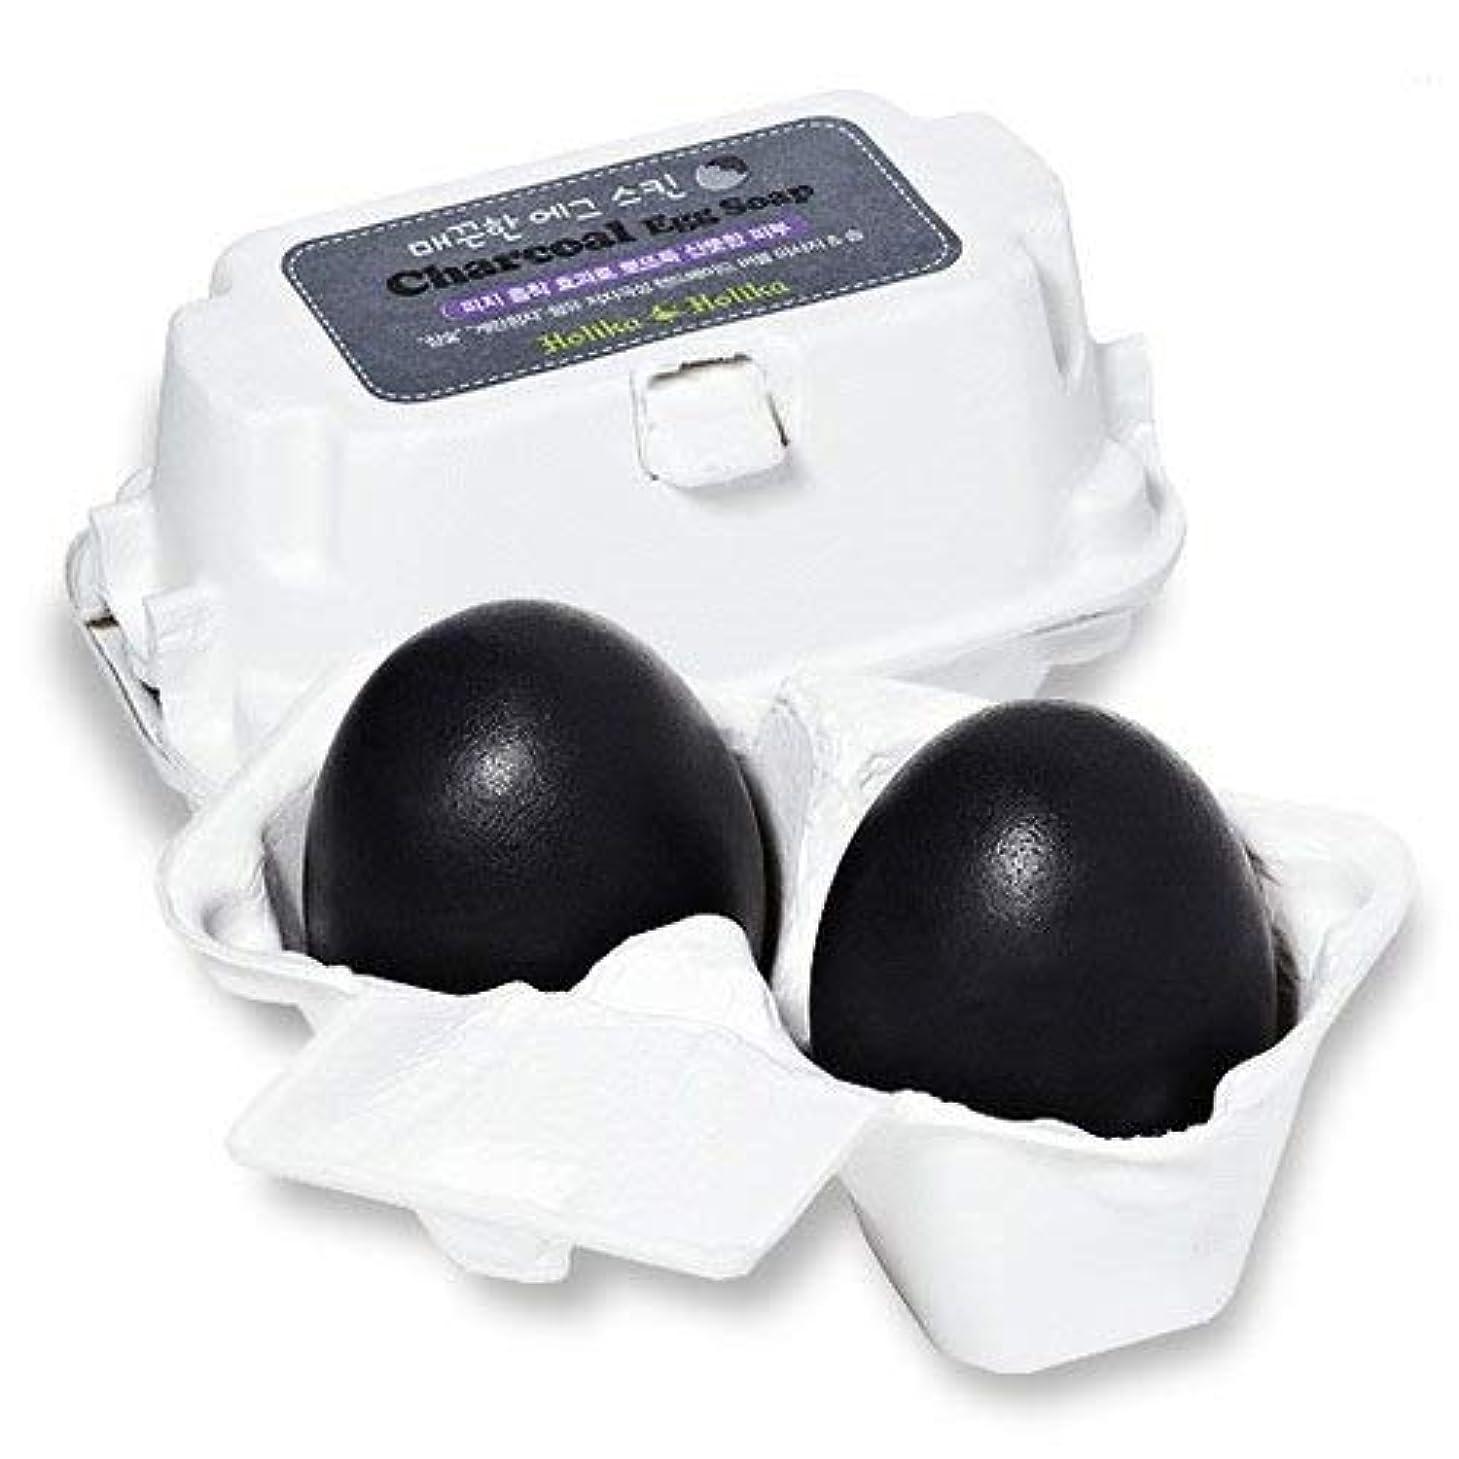 南西英語の授業があります飼い慣らす[堅炭/Charcoal] Holika Holika Egg Skin Egg Soap ホリカホリカ エッグスキン エッグソープ (50g*2個) [並行輸入品]